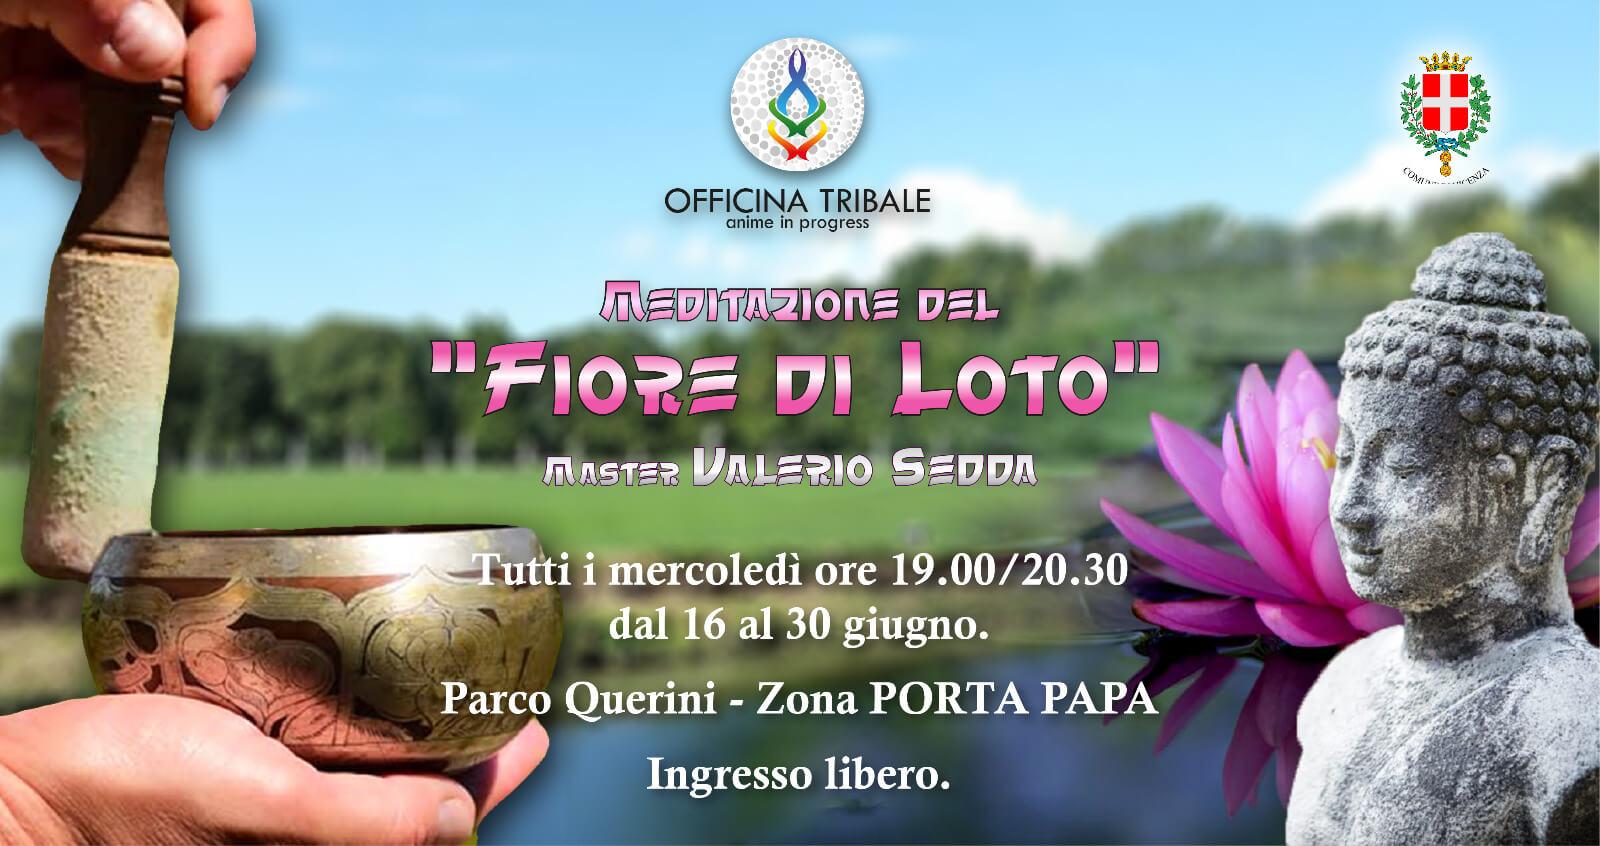 Meditazione del 'FIORE DI LOTO' Parco Querini. Gratuita!